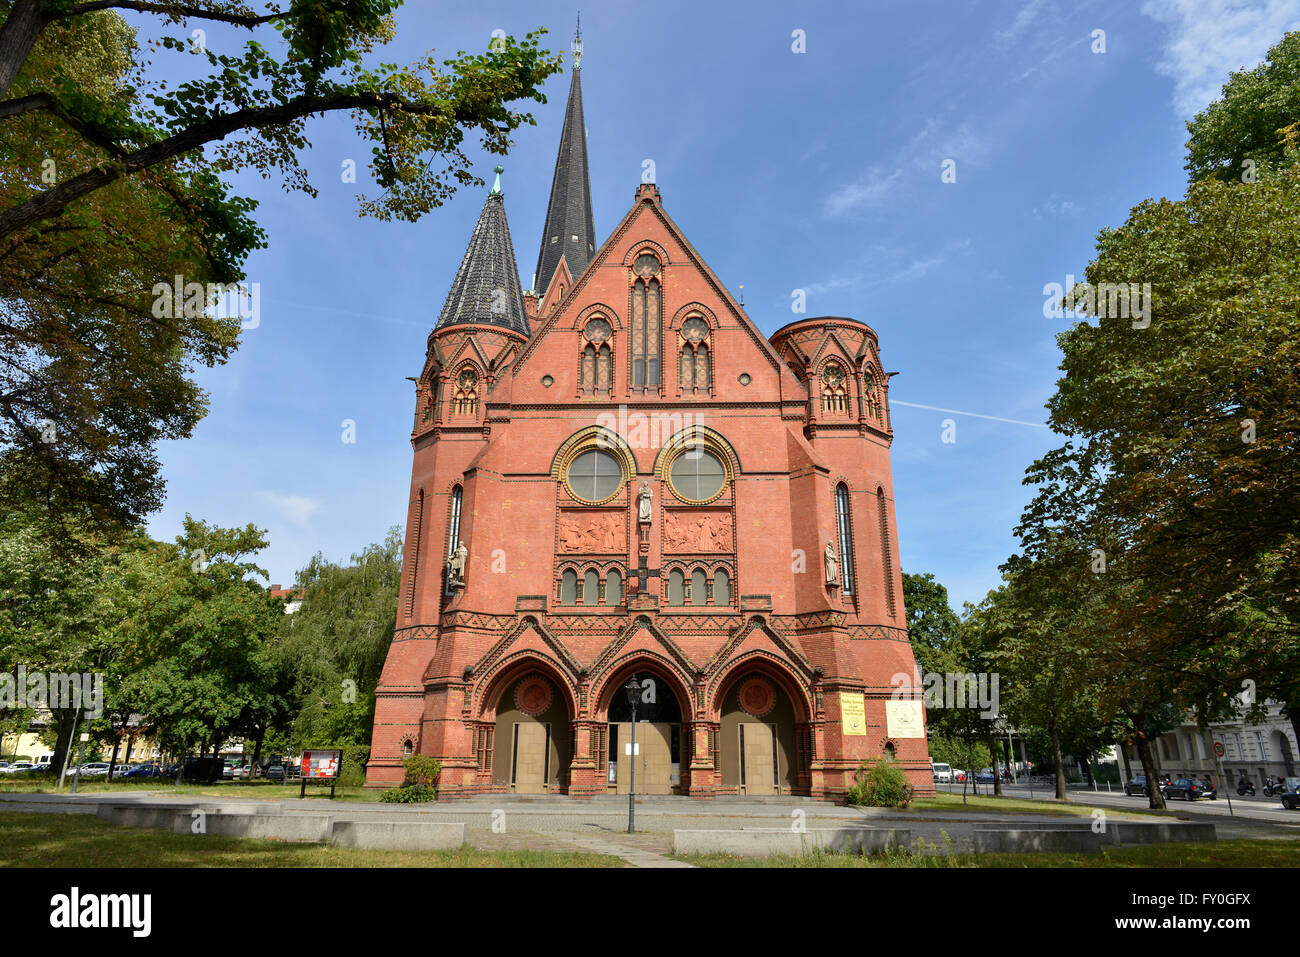 Bemerkenswert Baumarkt Berlin Schöneberg Das Beste Von Luther-kirche, Dennewitzplatz, Schoeneberg, Berlin, Deutschland - Stock